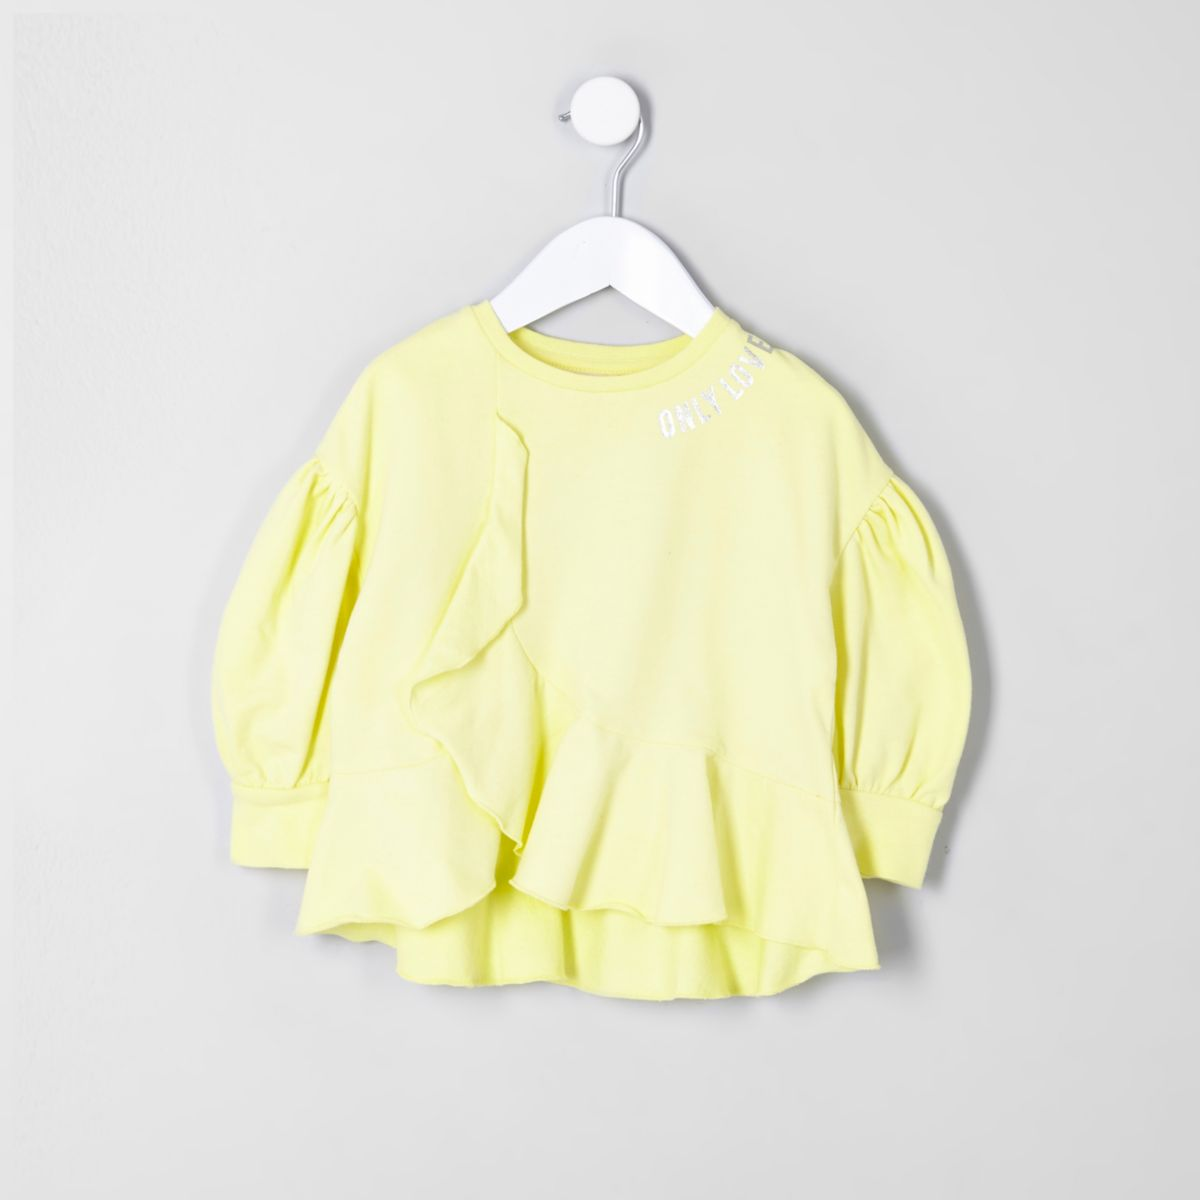 Mini girls RI yellow 'Only love' sweatshirt